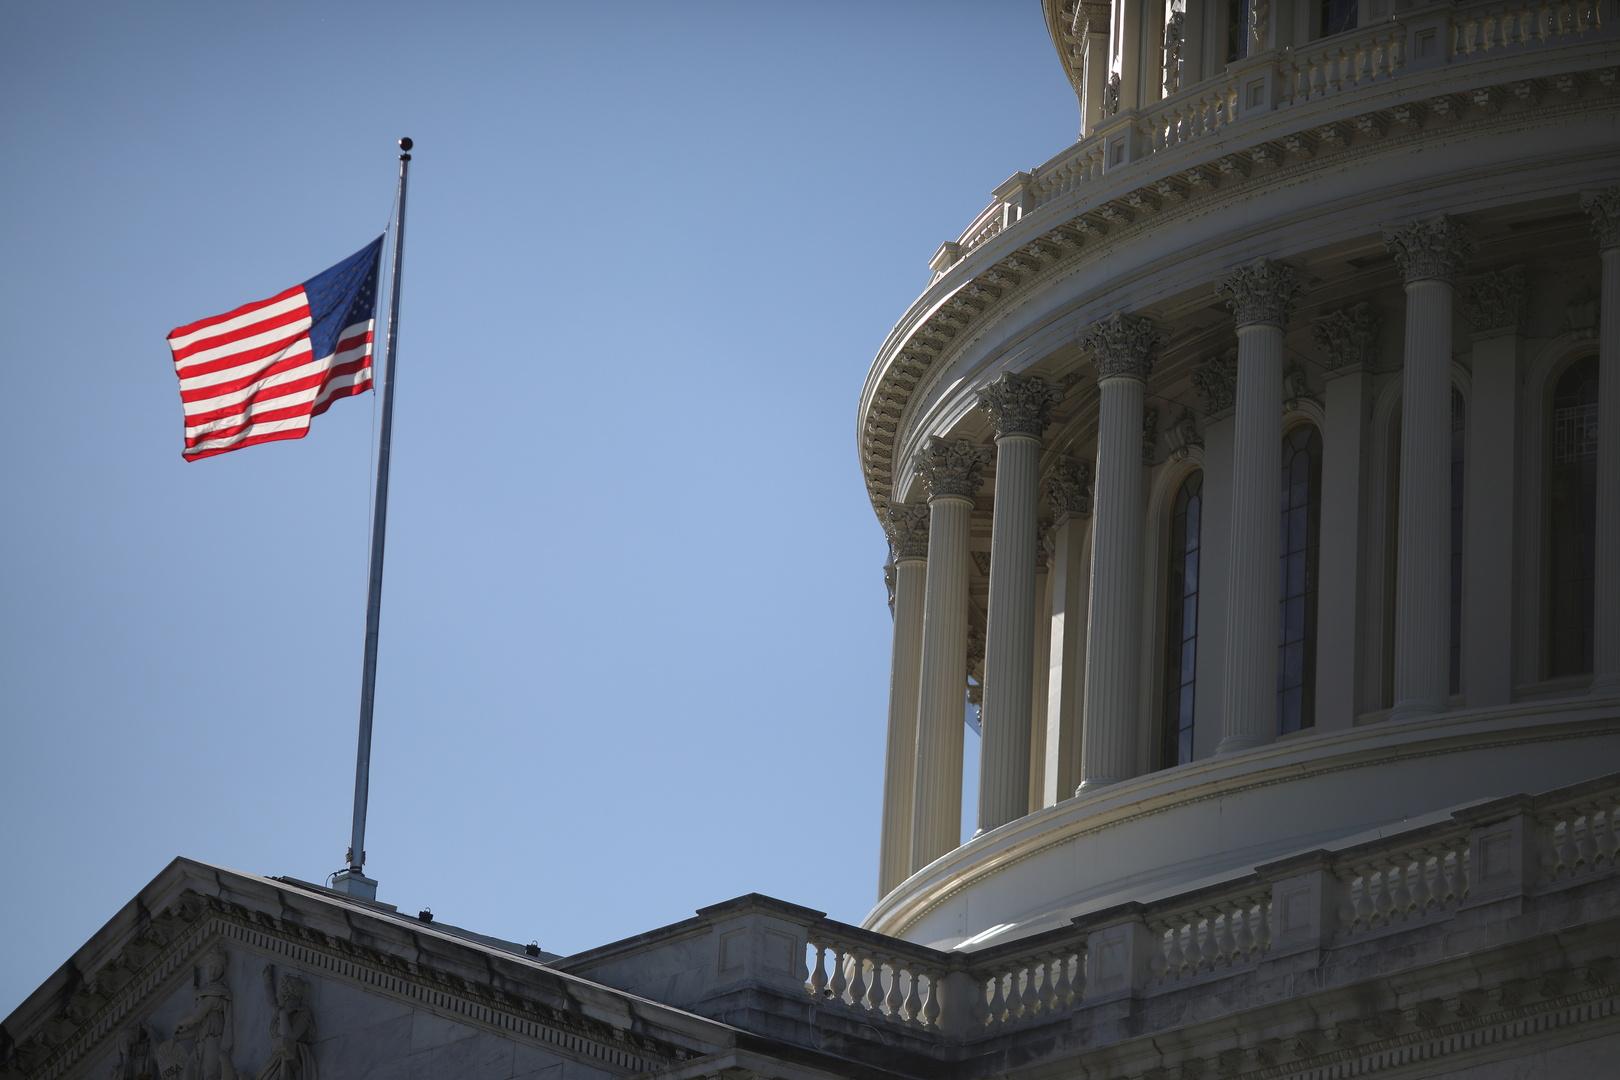 الديمقراطيون بصدد السيطرة على كلا غرفتي الكونغرس الأمريكي